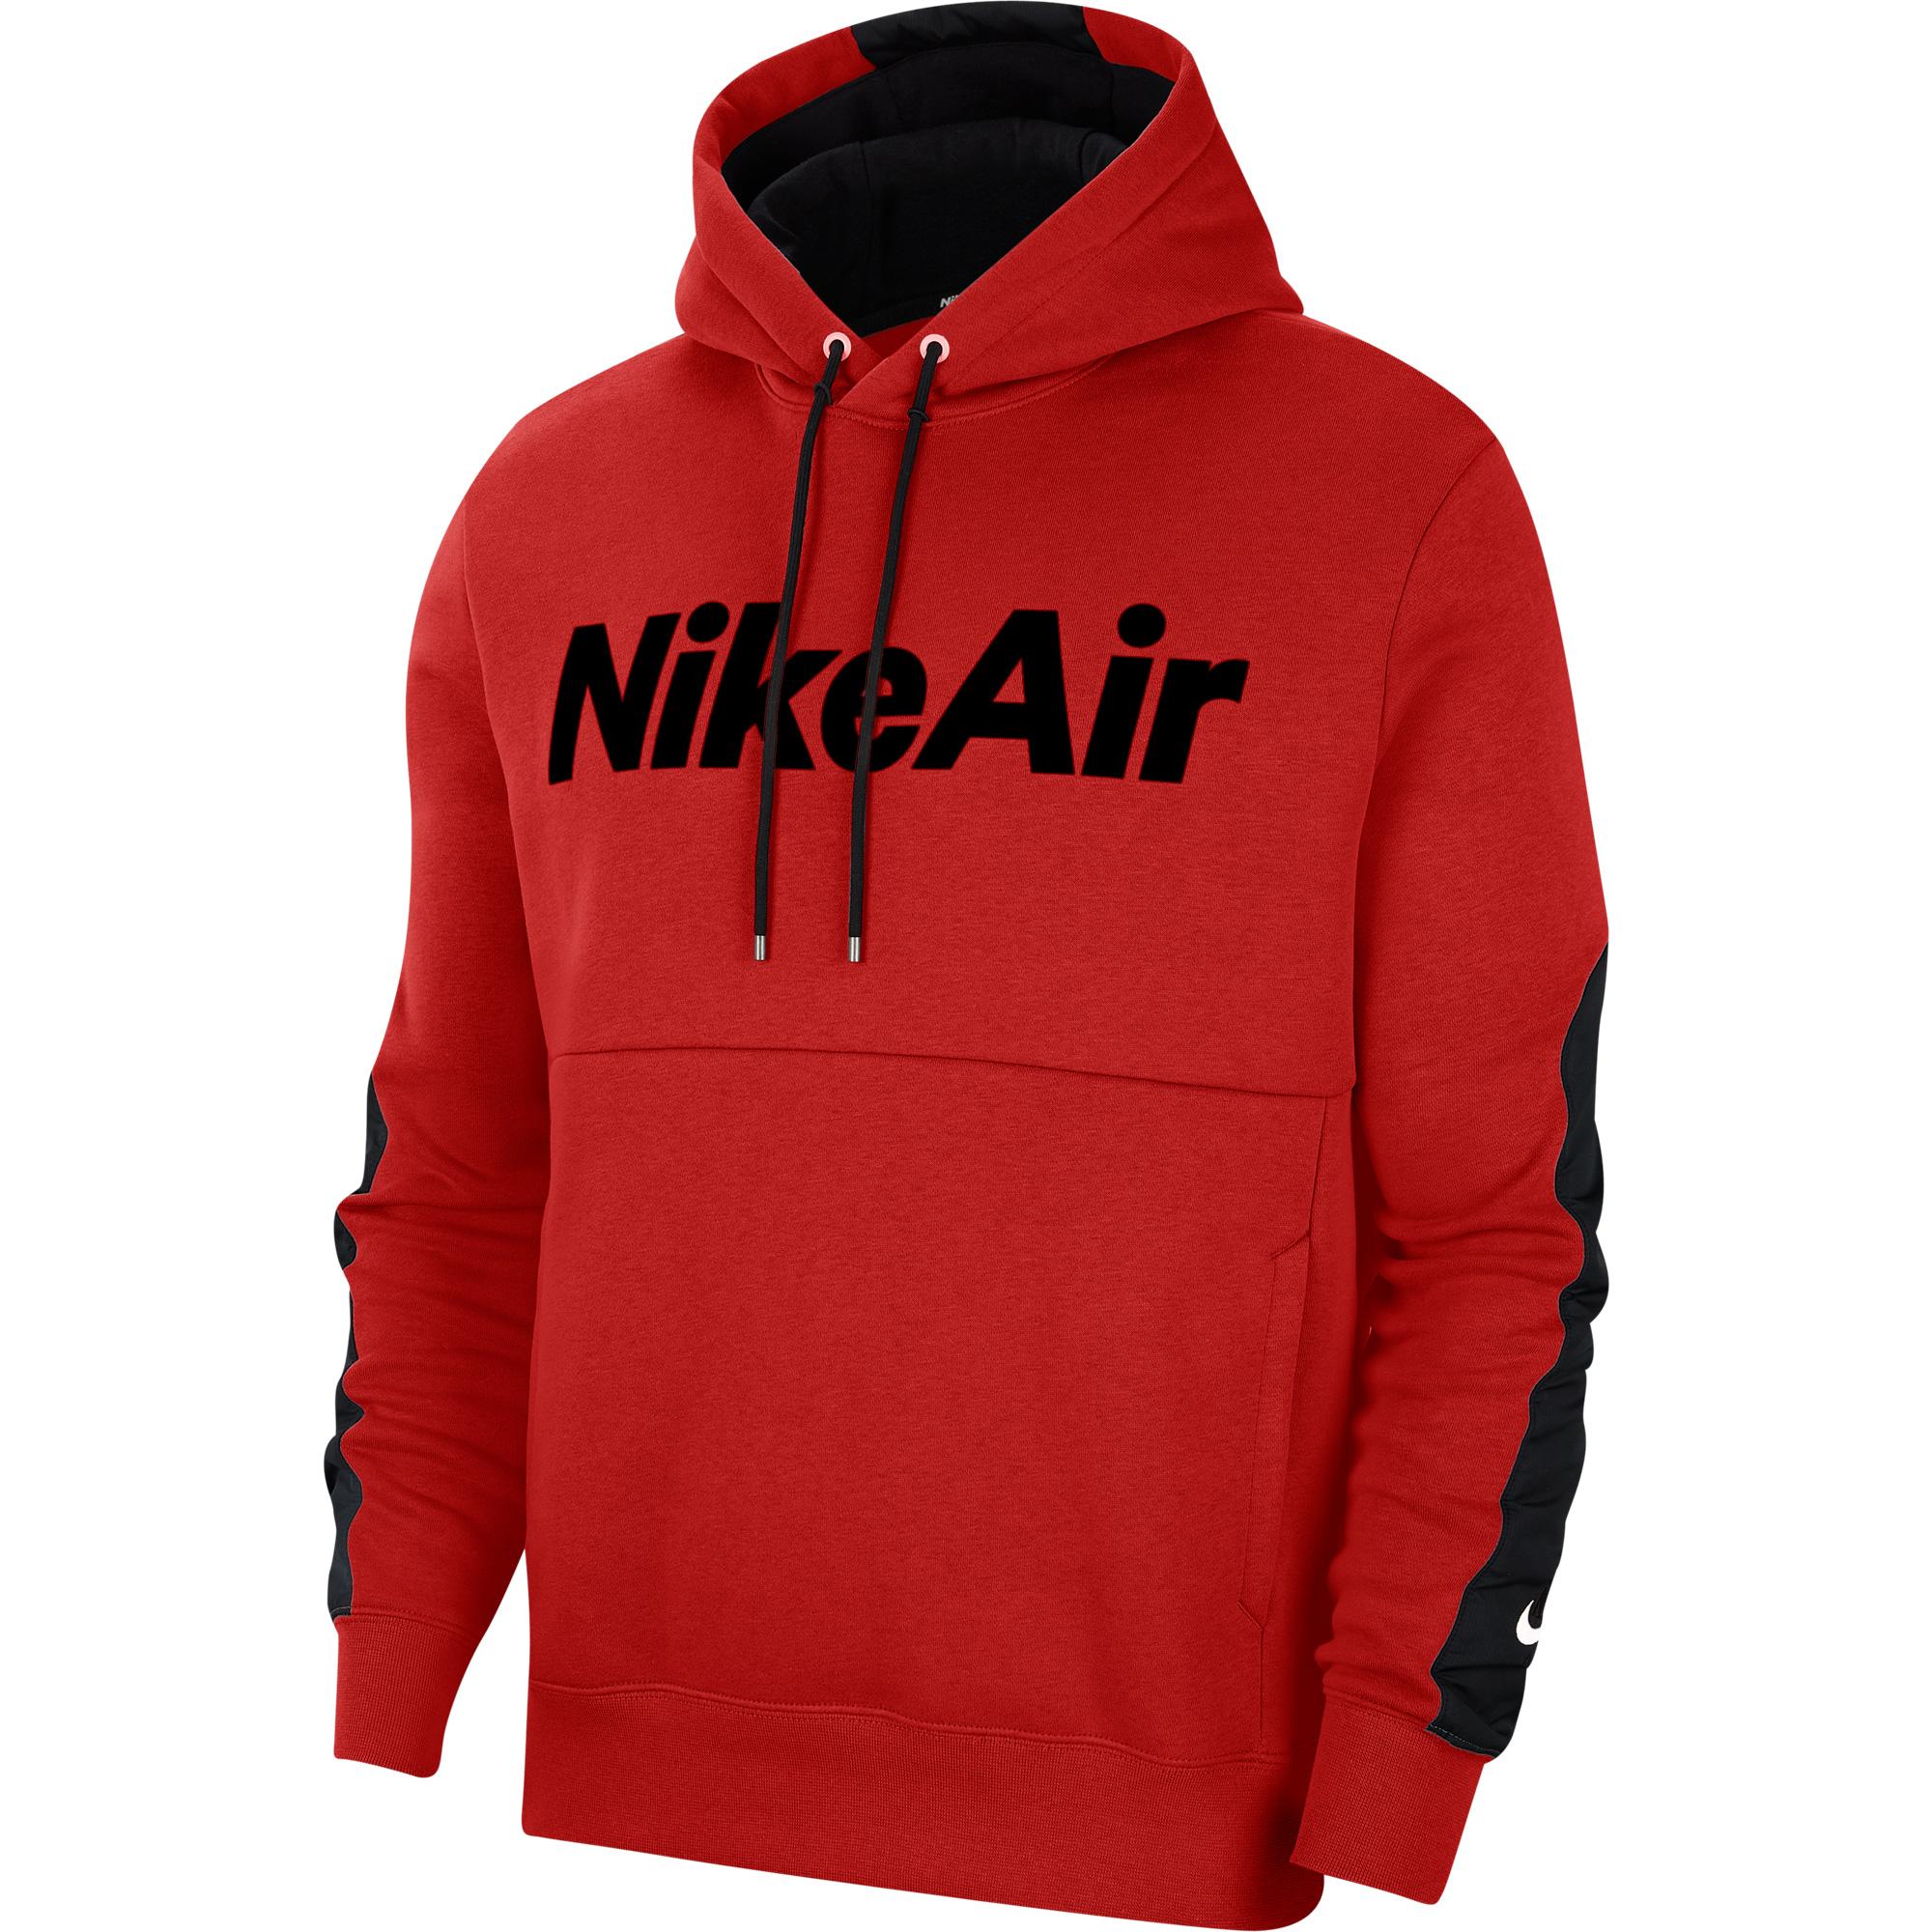 Nike Air Erkek Kırmızı Kapüşonlu Sweatshirt